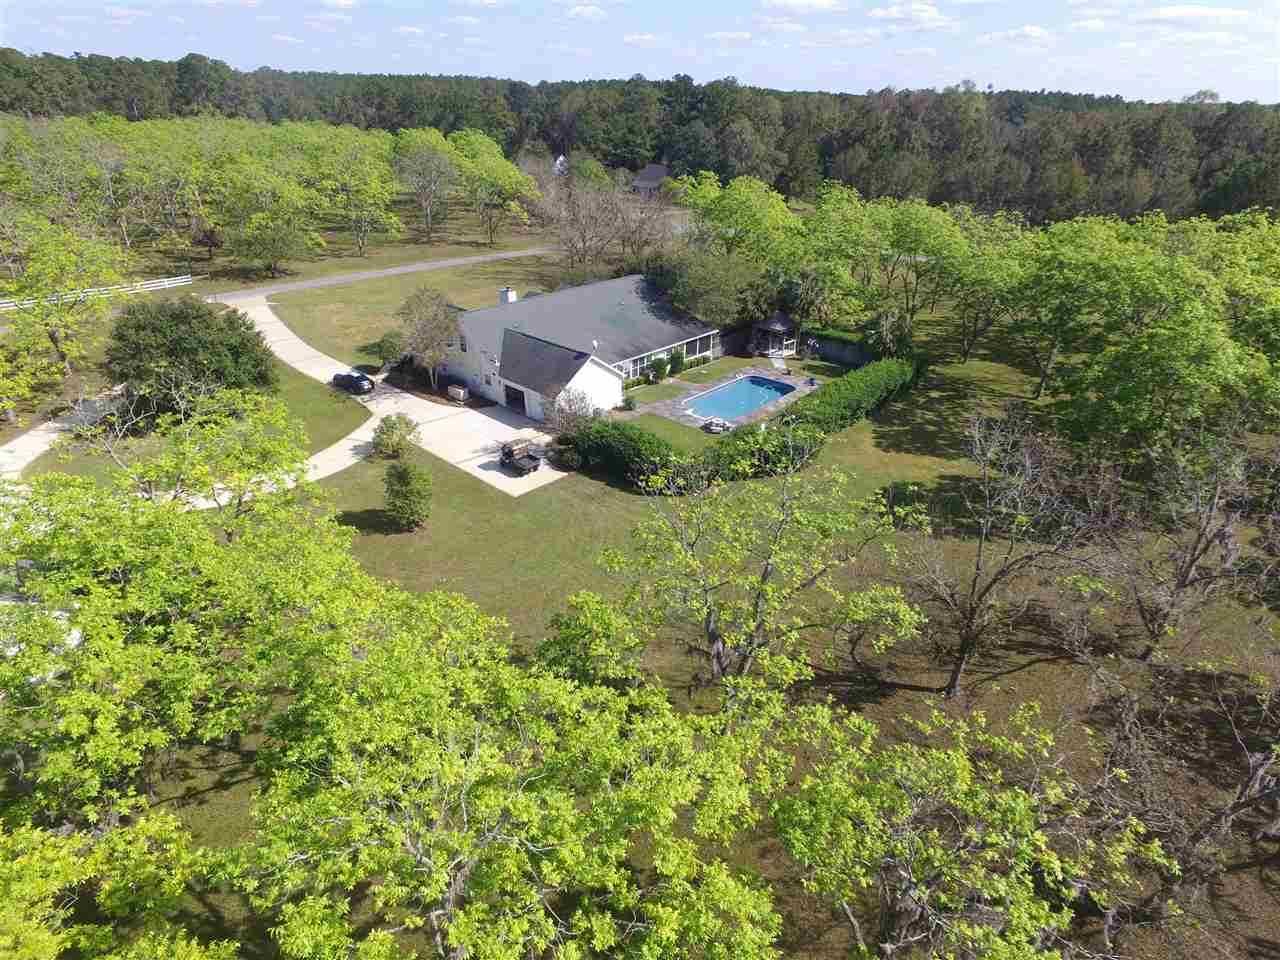 61 N Ojibwa Road Monticello, FL 32344 in Ojibwa Acres Photo 1